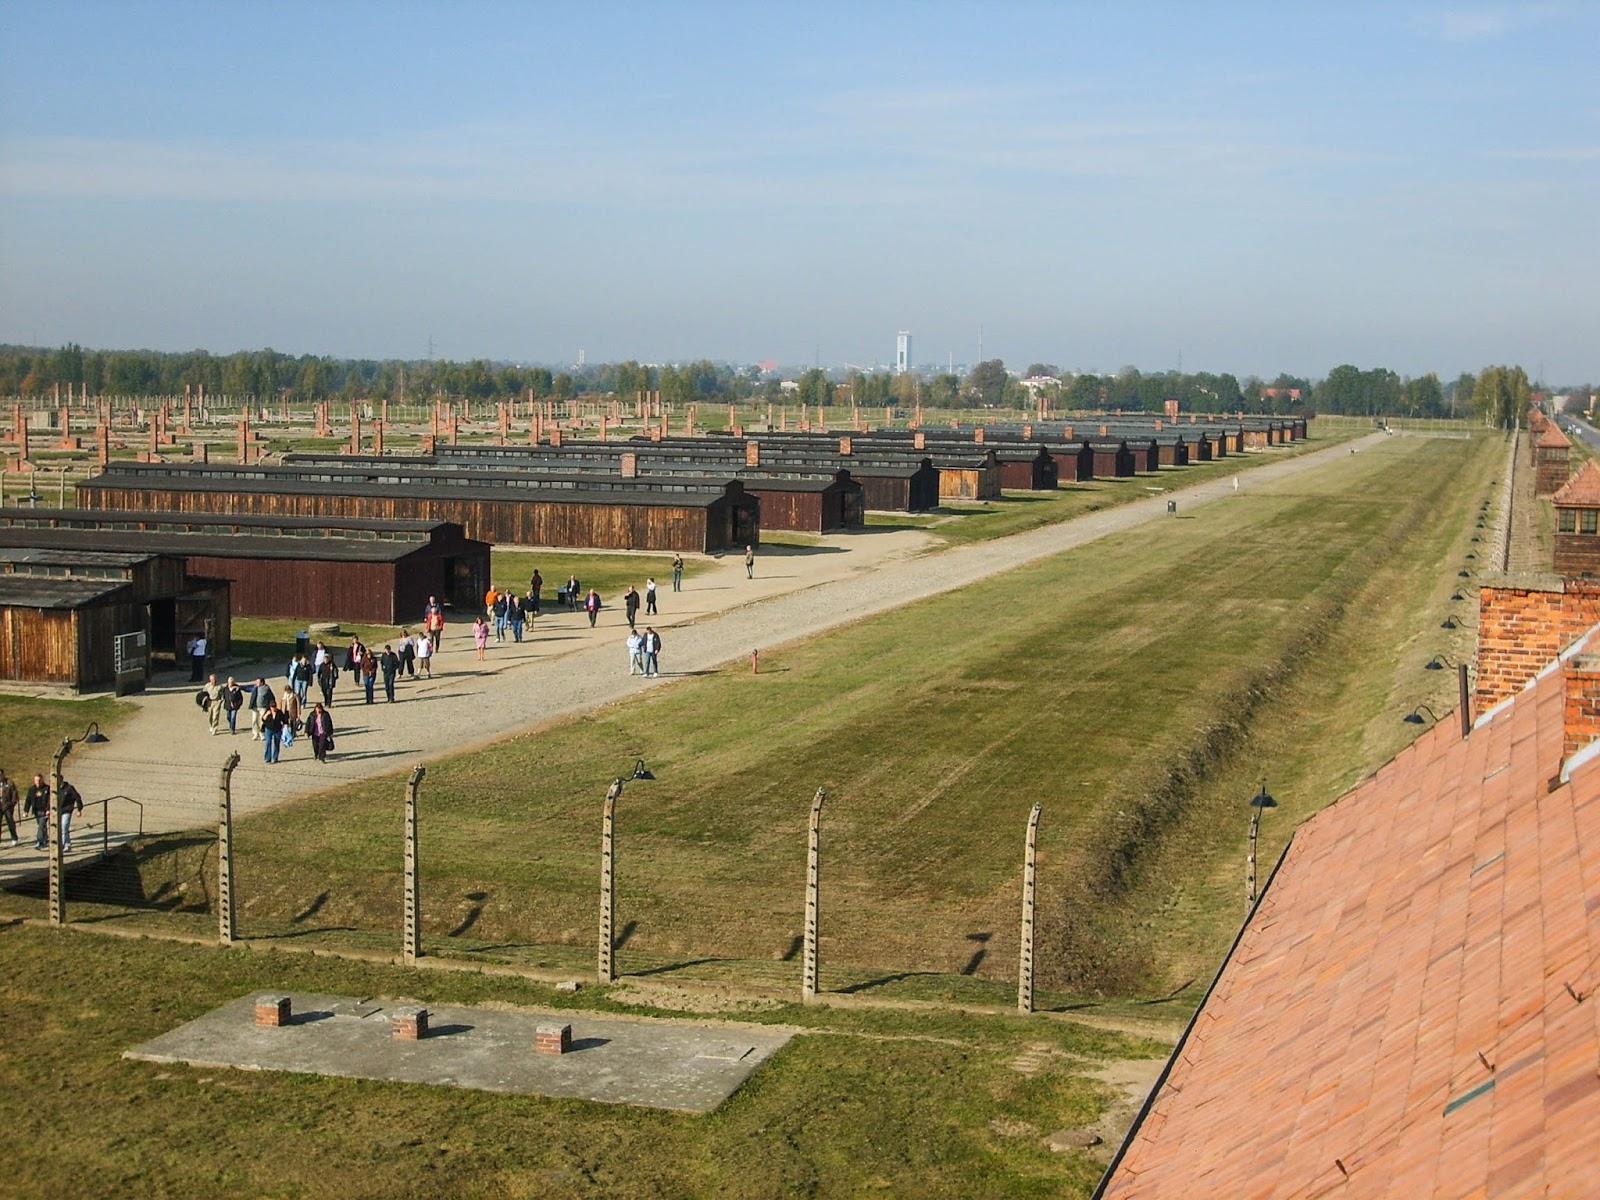 Huts in Auschwitz